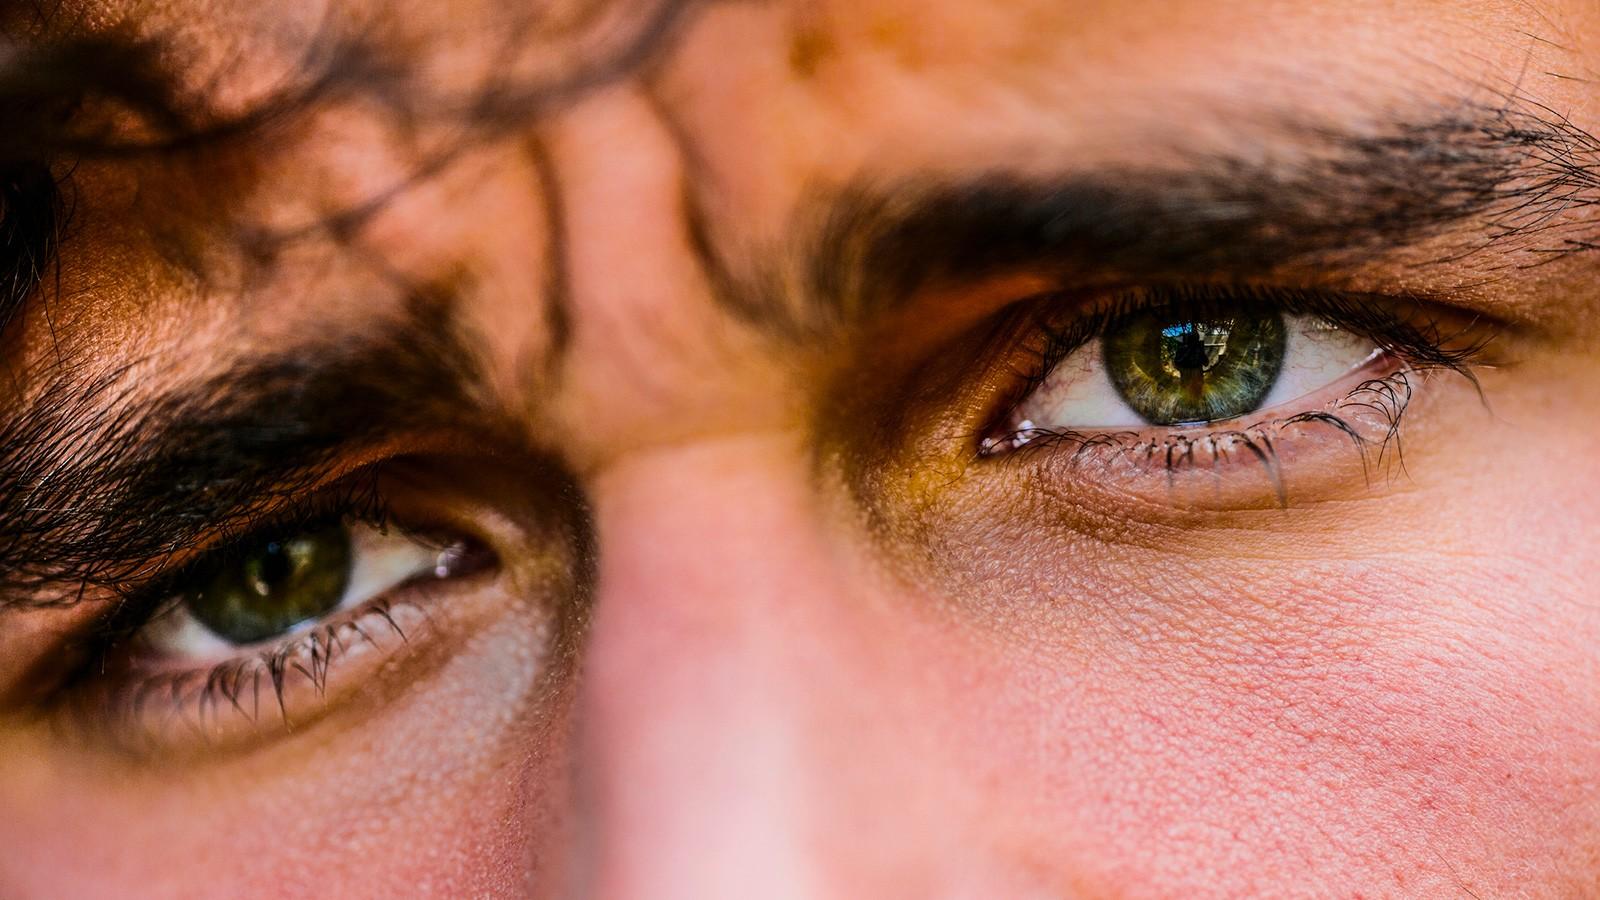 striking eyes of a man